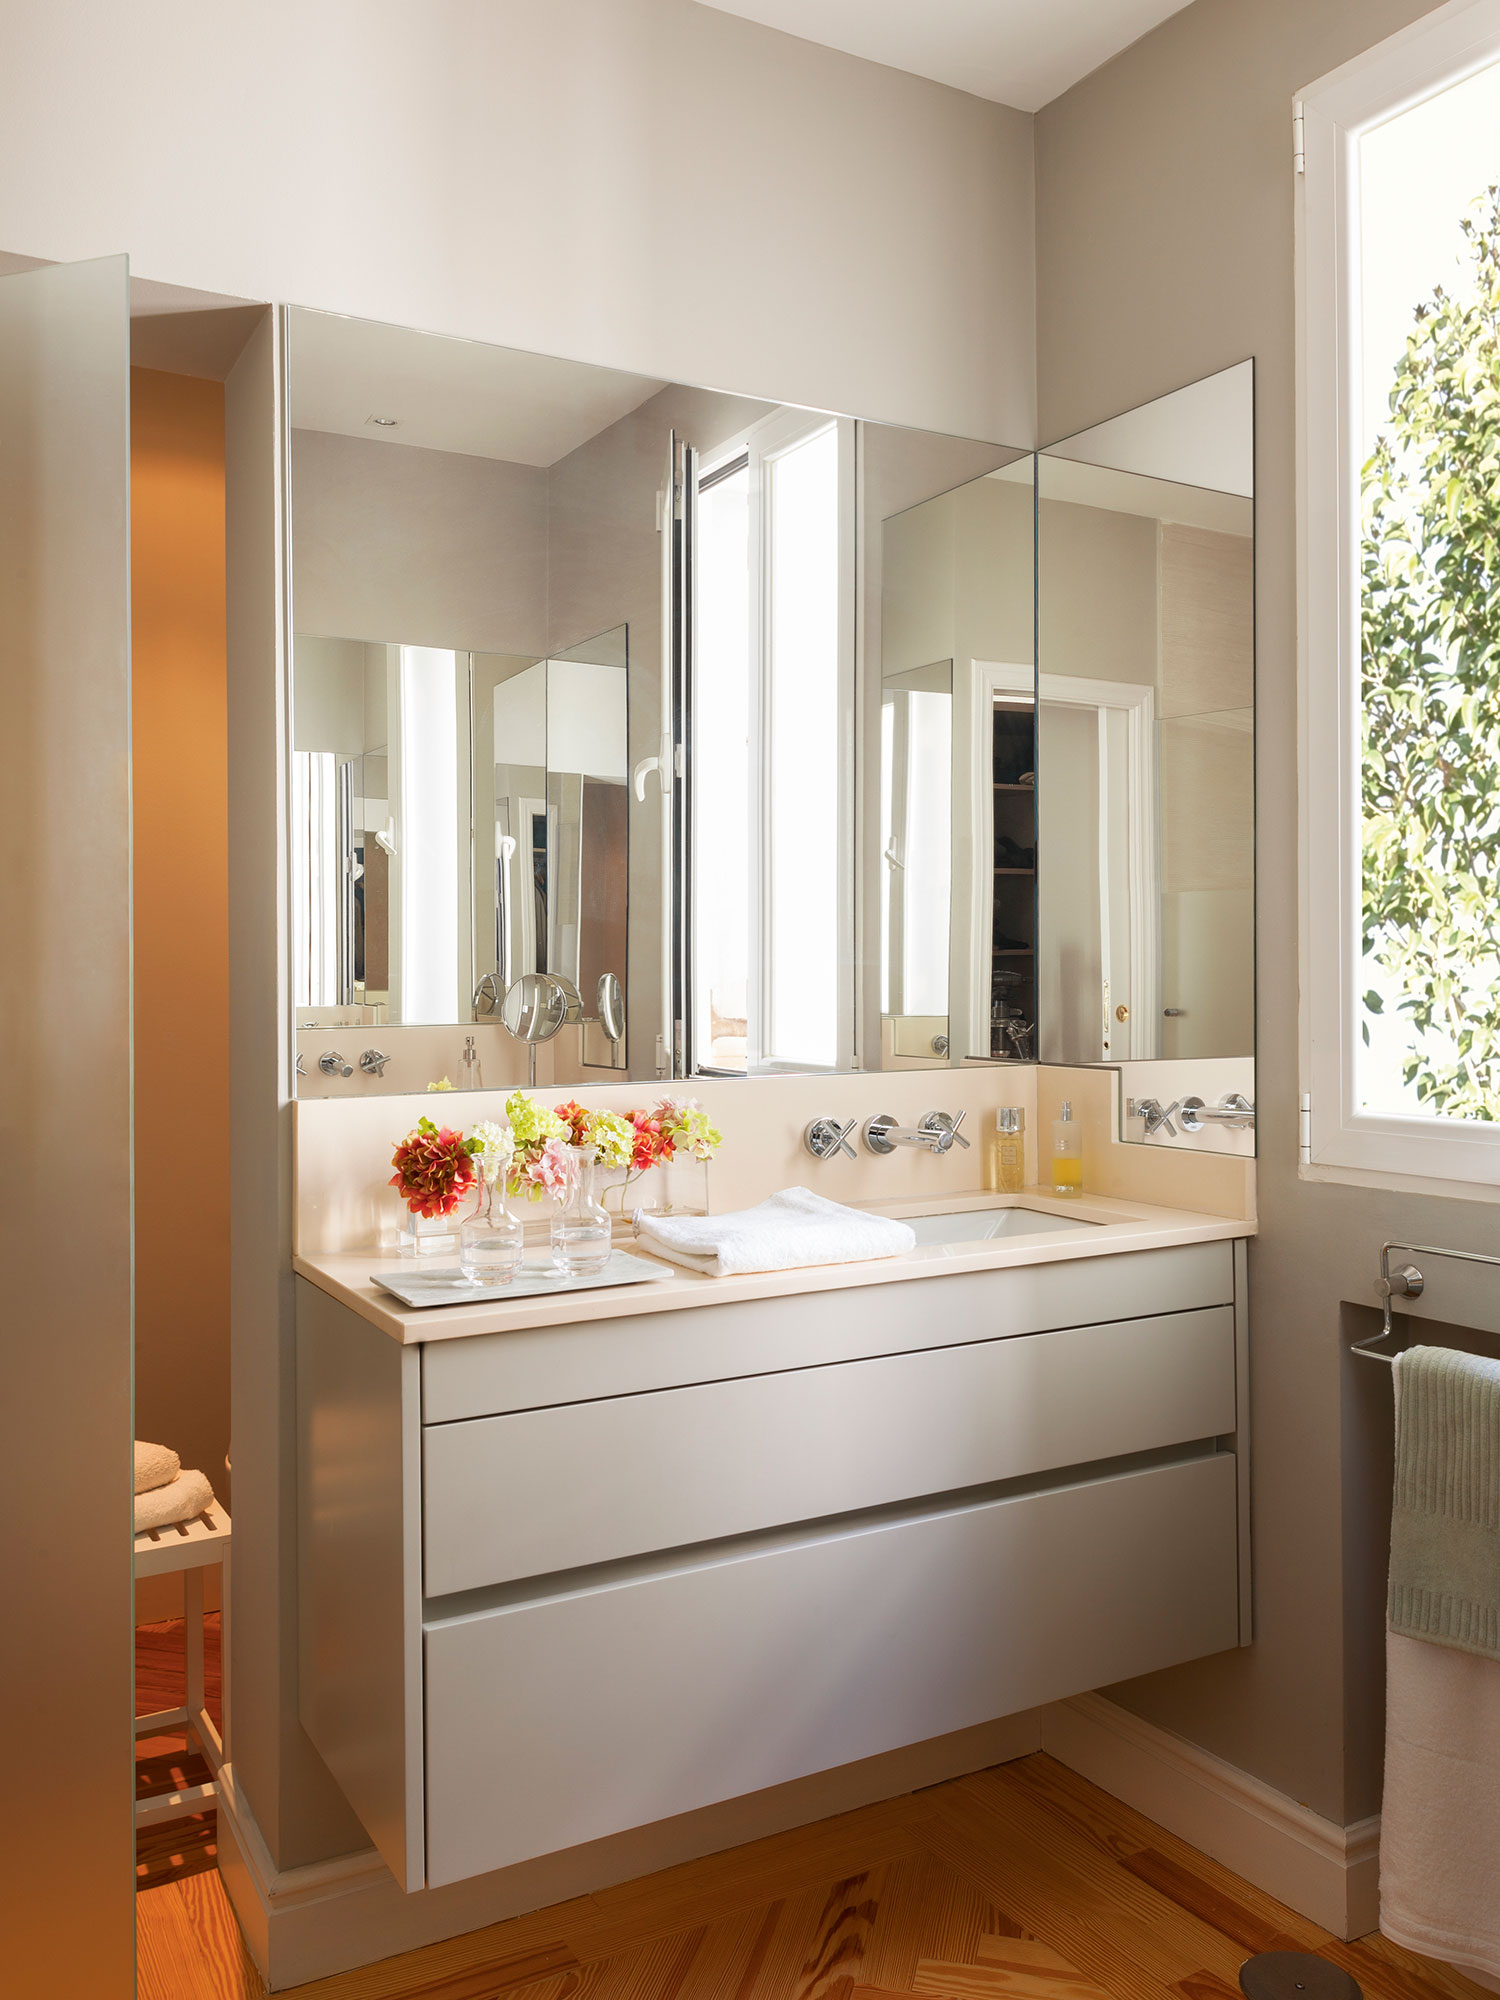 Claves para multiplicar la luz y la claridad del baño